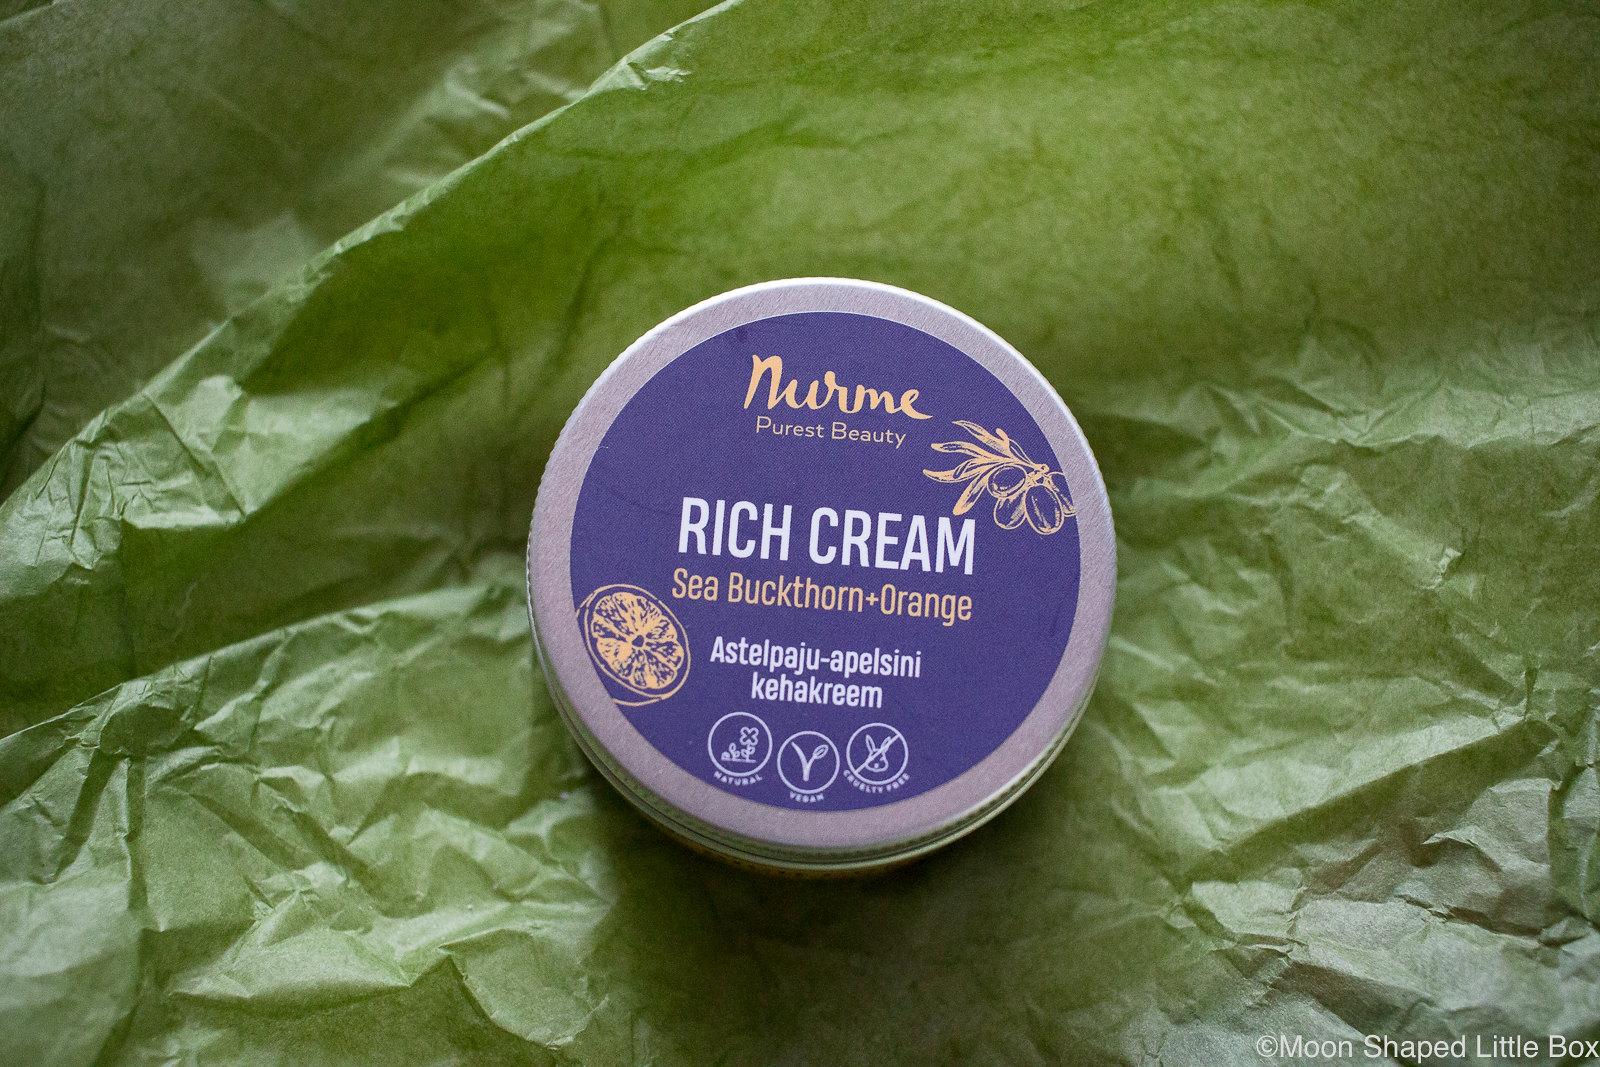 Nurme-uutuudet-rich-cream-voide